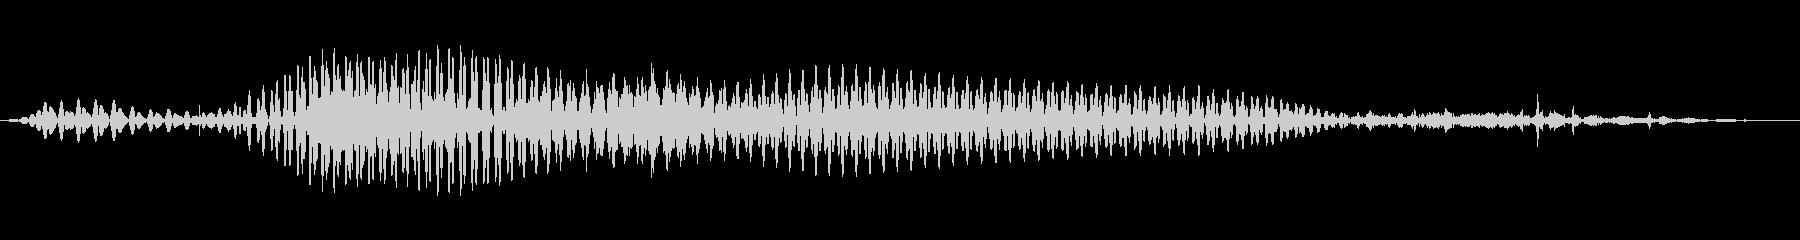 ボンジュール、bonjour_2の未再生の波形